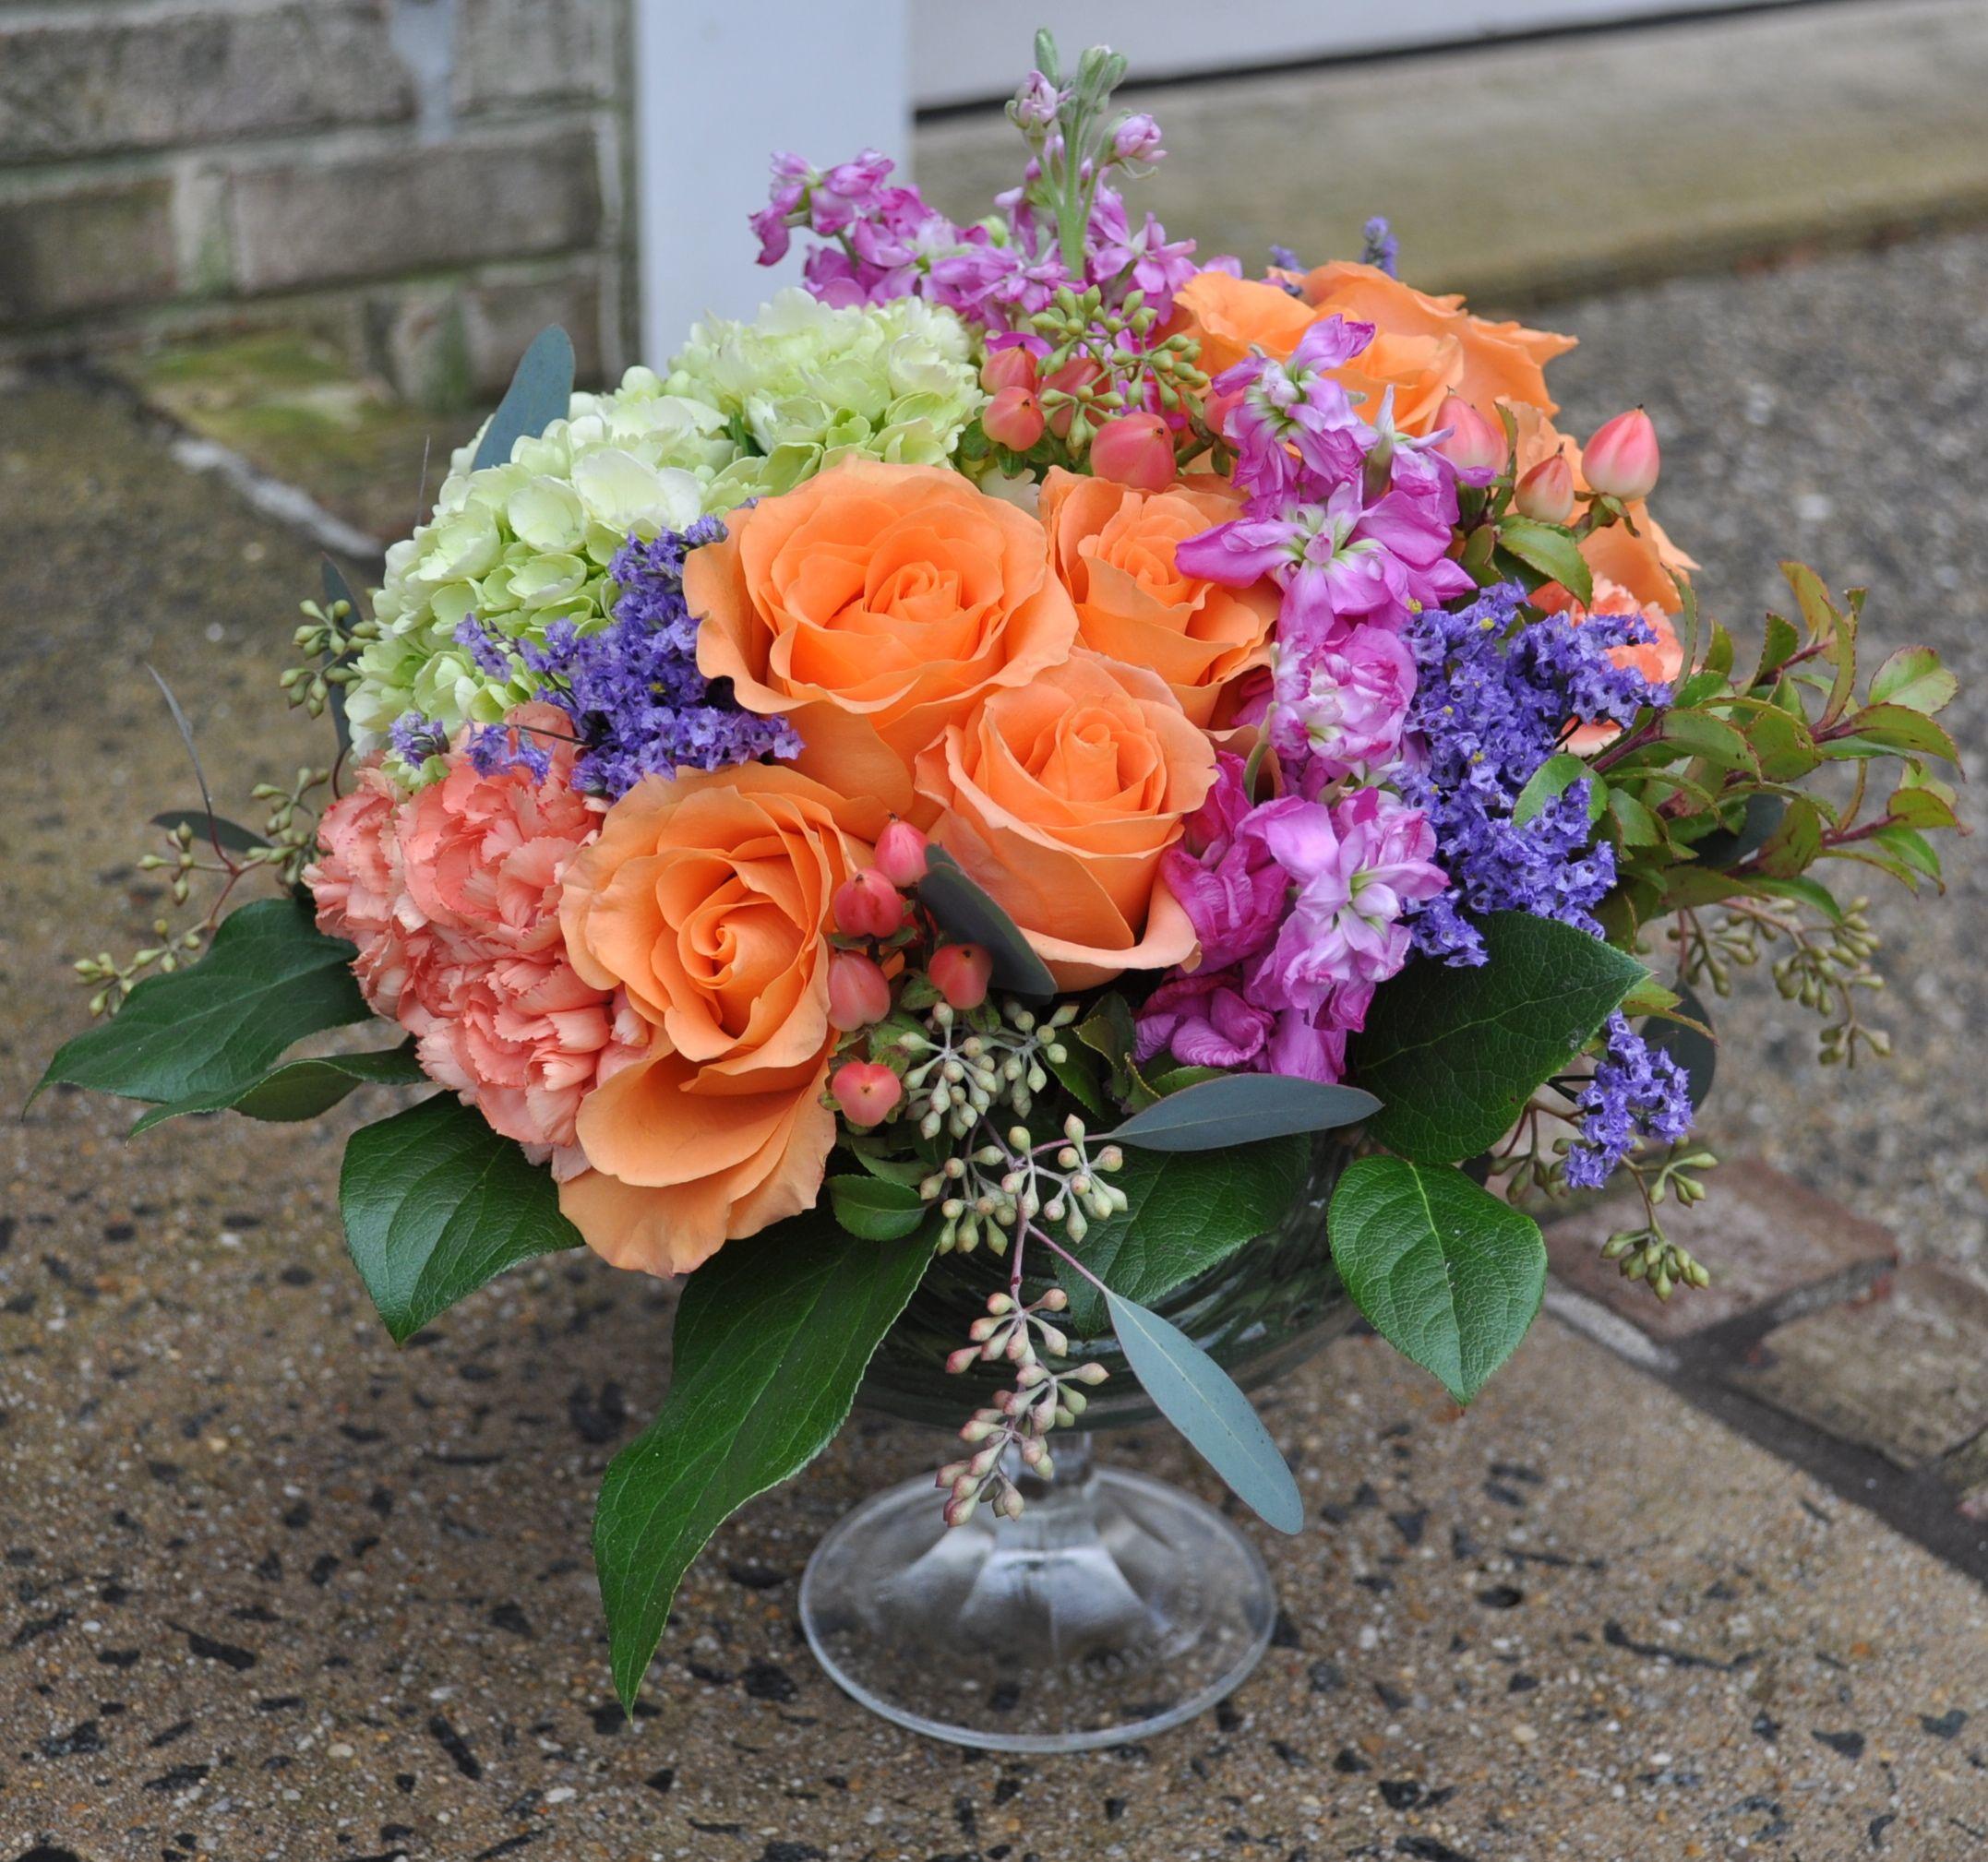 30th birthday flower arrangement in bright colors and various 30th birthday flower arrangement in bright colors and various textures izmirmasajfo Images